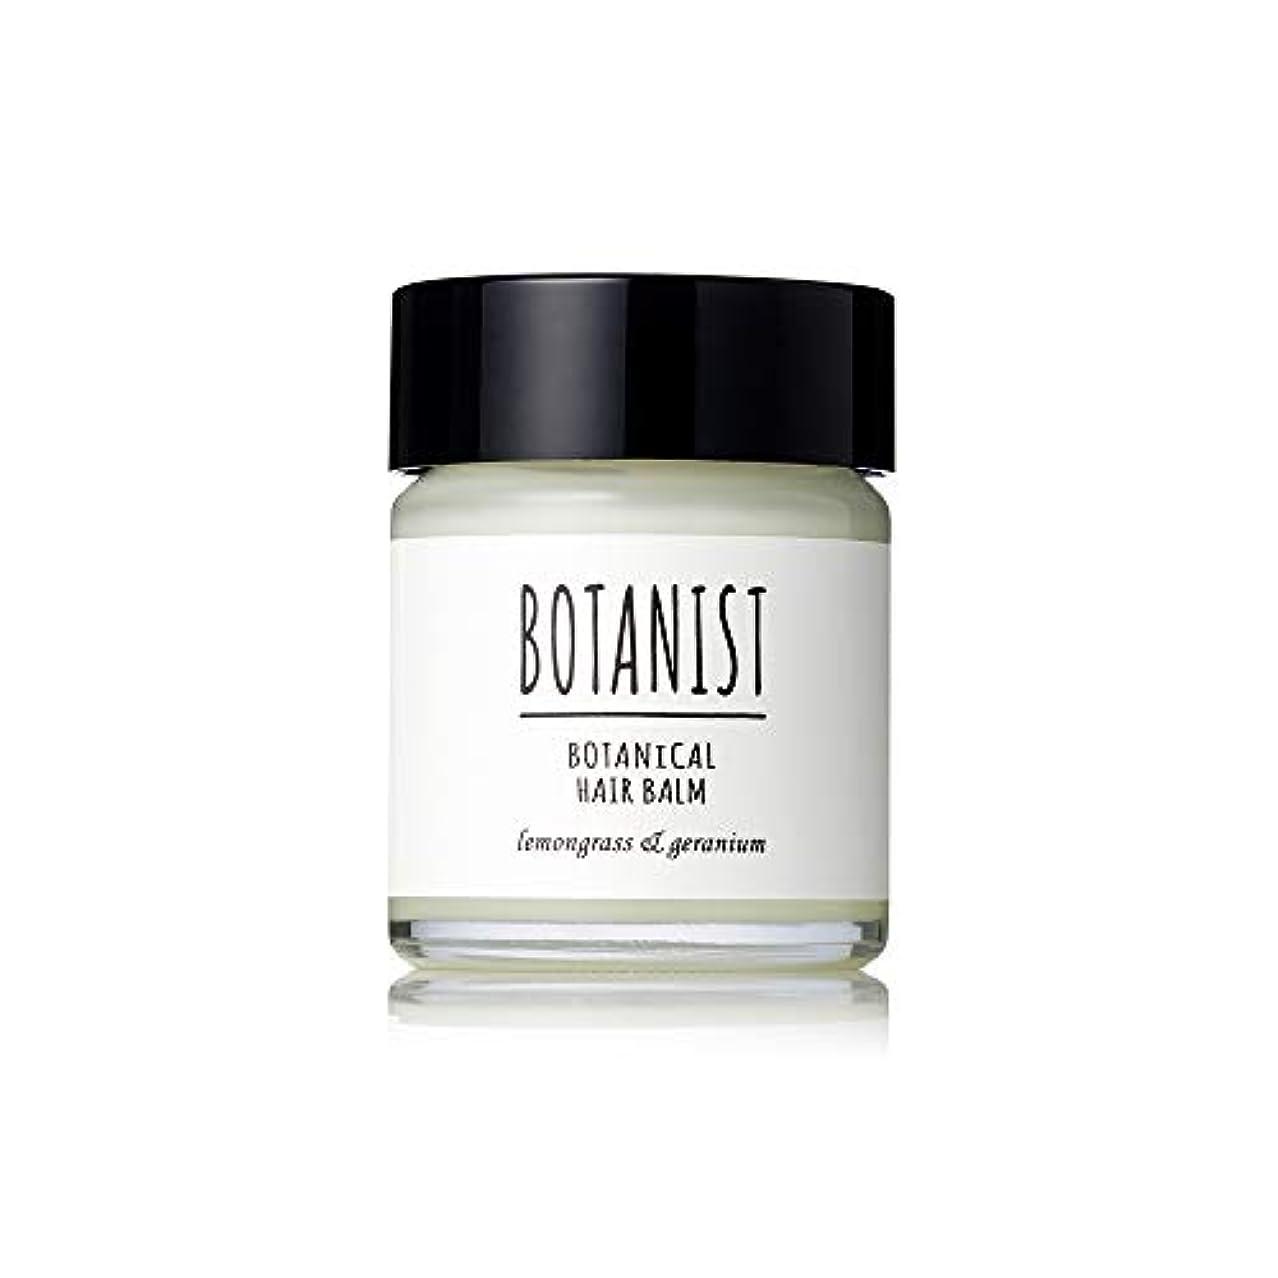 助言代理人例示するBOTANIST ボタニスト ボタニカルヘアバーム 32g レモングラス&ゼラニウムの香り